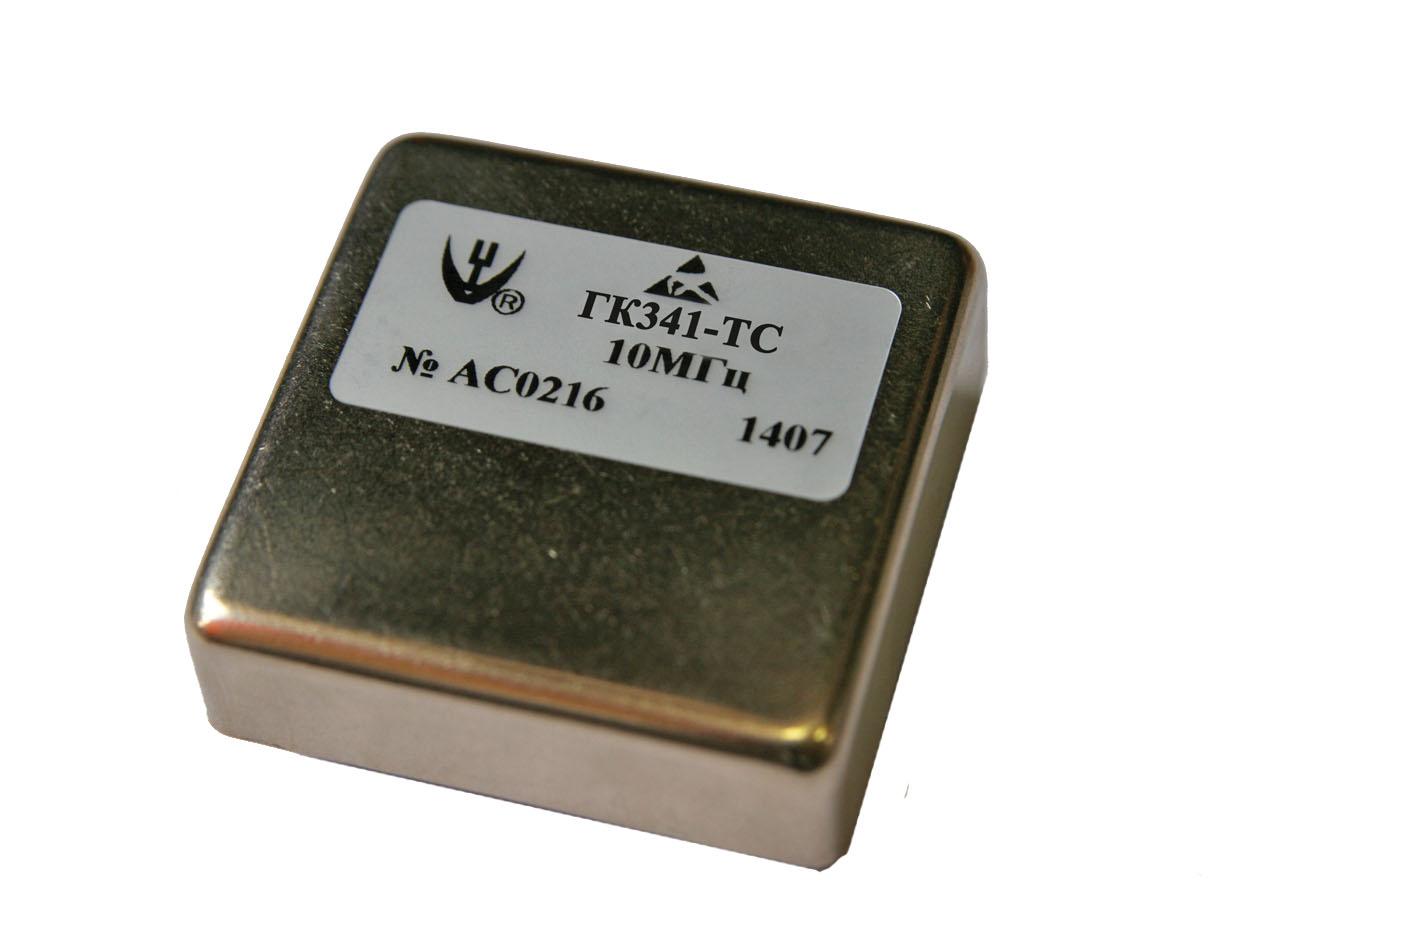 Новый ультрамалошумящий прецизионный термостатированный кварцевый генератор ГК341-ТС